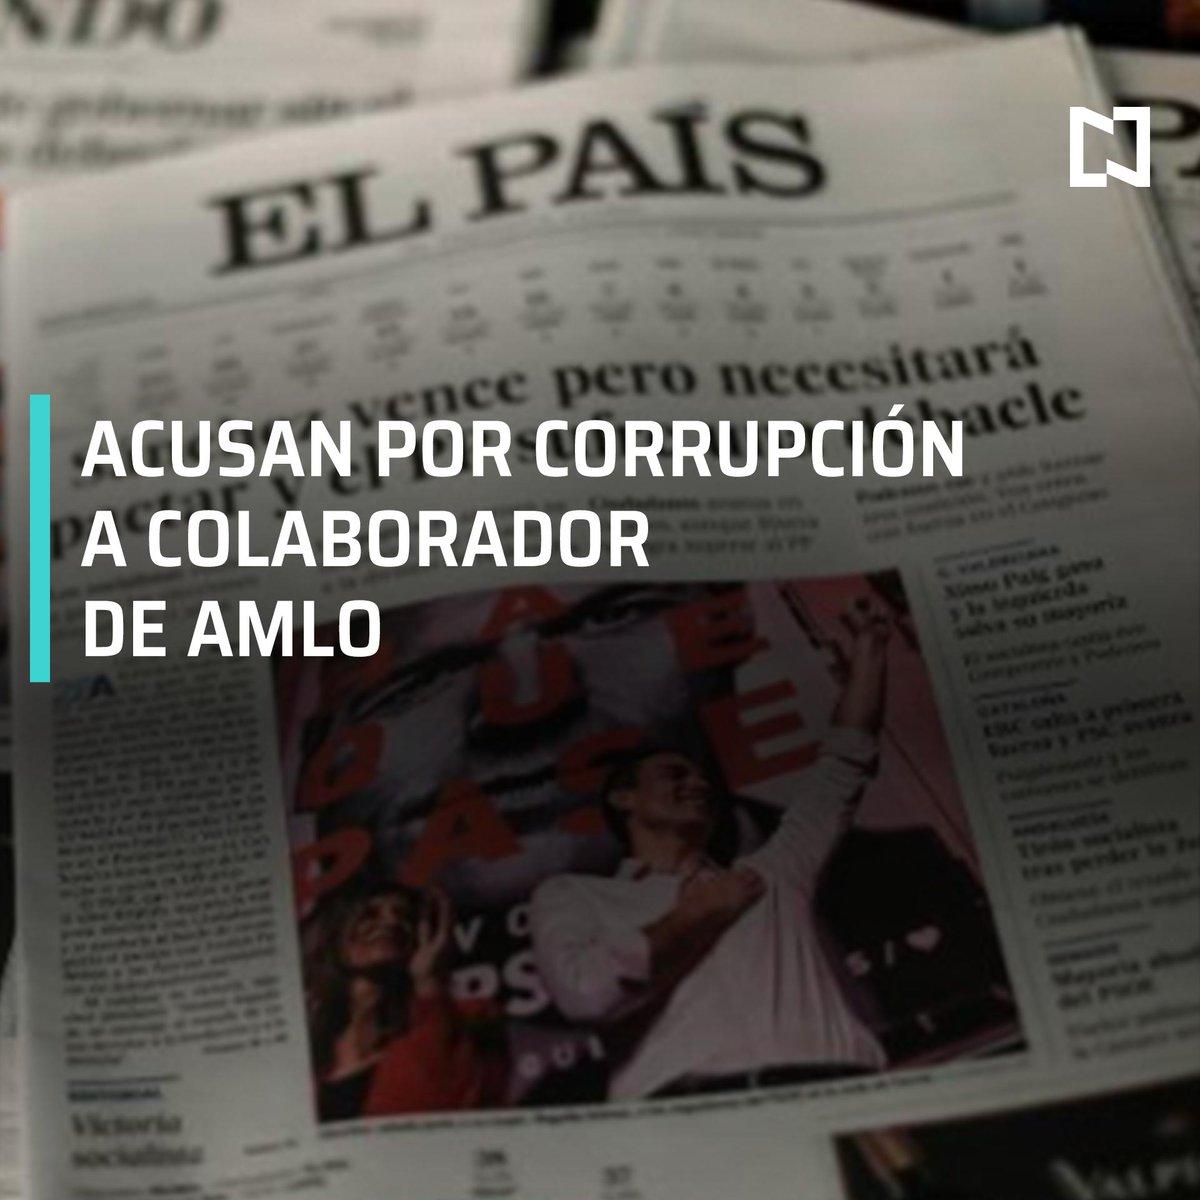 El periódico español 'El País' publica una nota sobre el empresario mexicano Carlos Lomelí, excandidato de Morena al gobierno de Jalisco, acusado de corrupción #DespiertaConLoret con @CarlosLoret